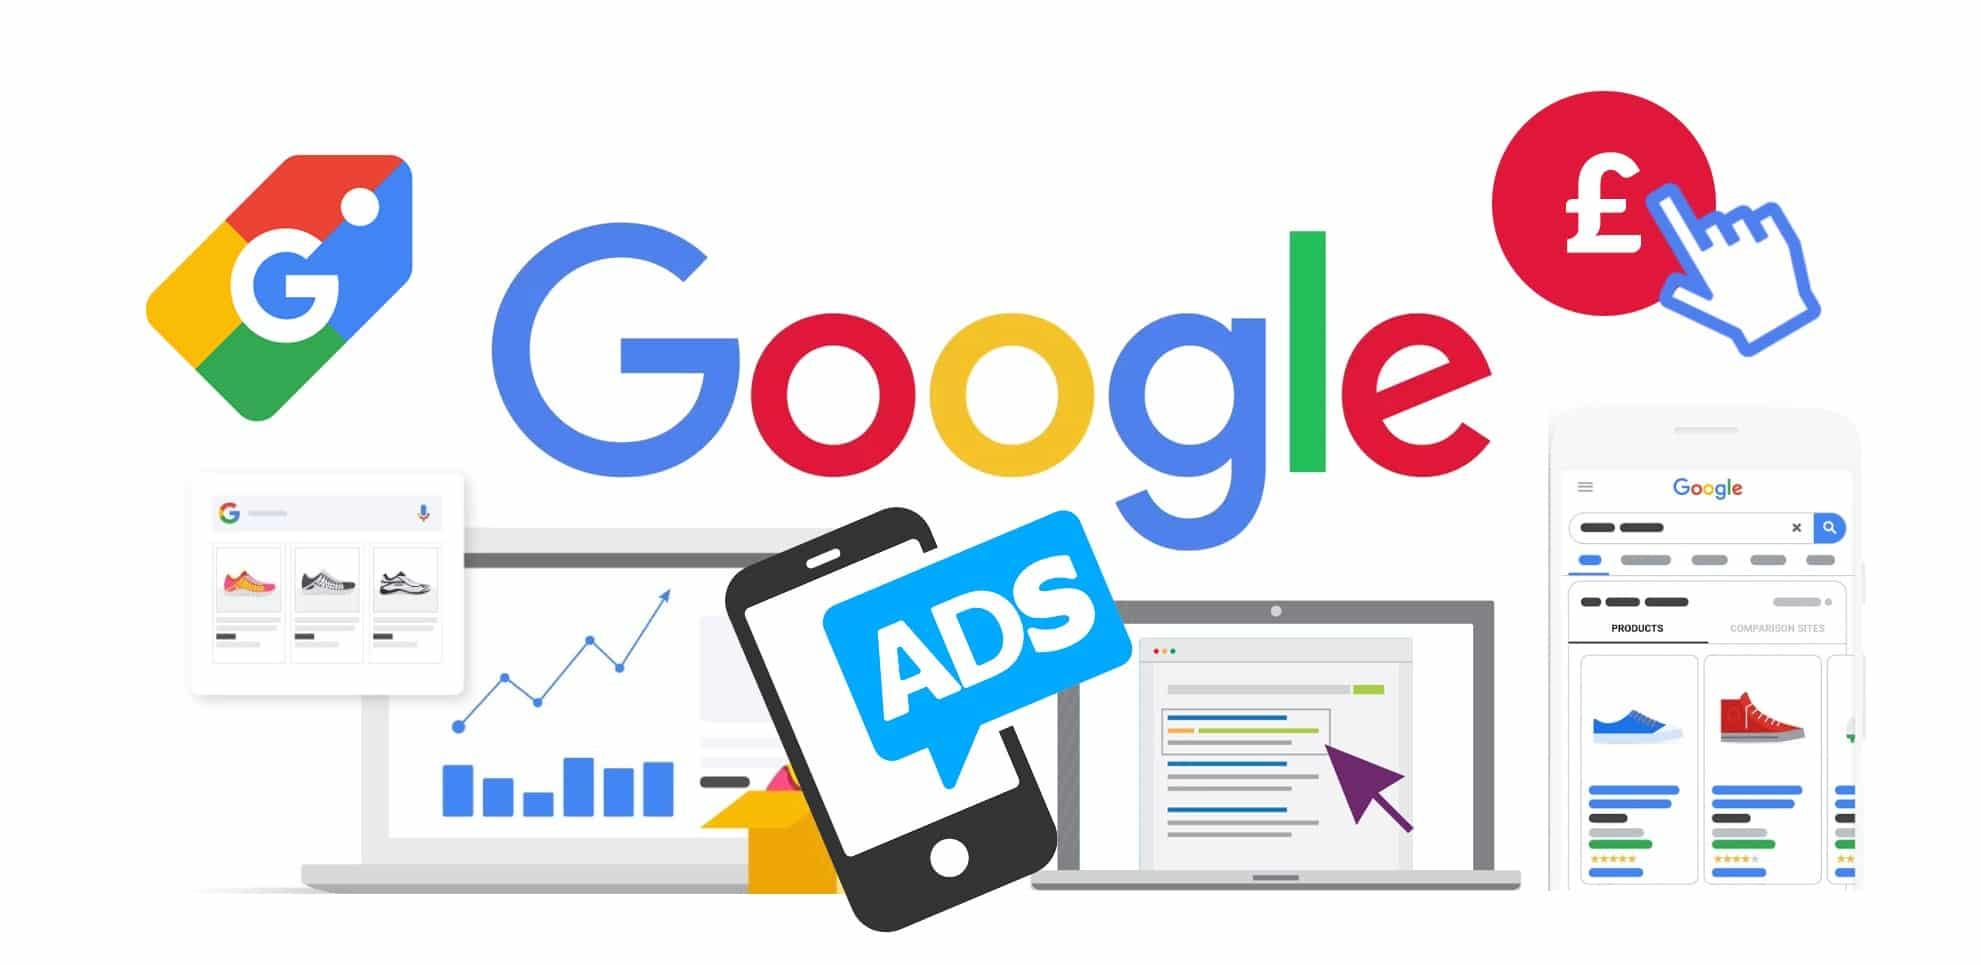 بهترین راههای تبلیغات برای جذب مشتری در گوگل | پرگاس